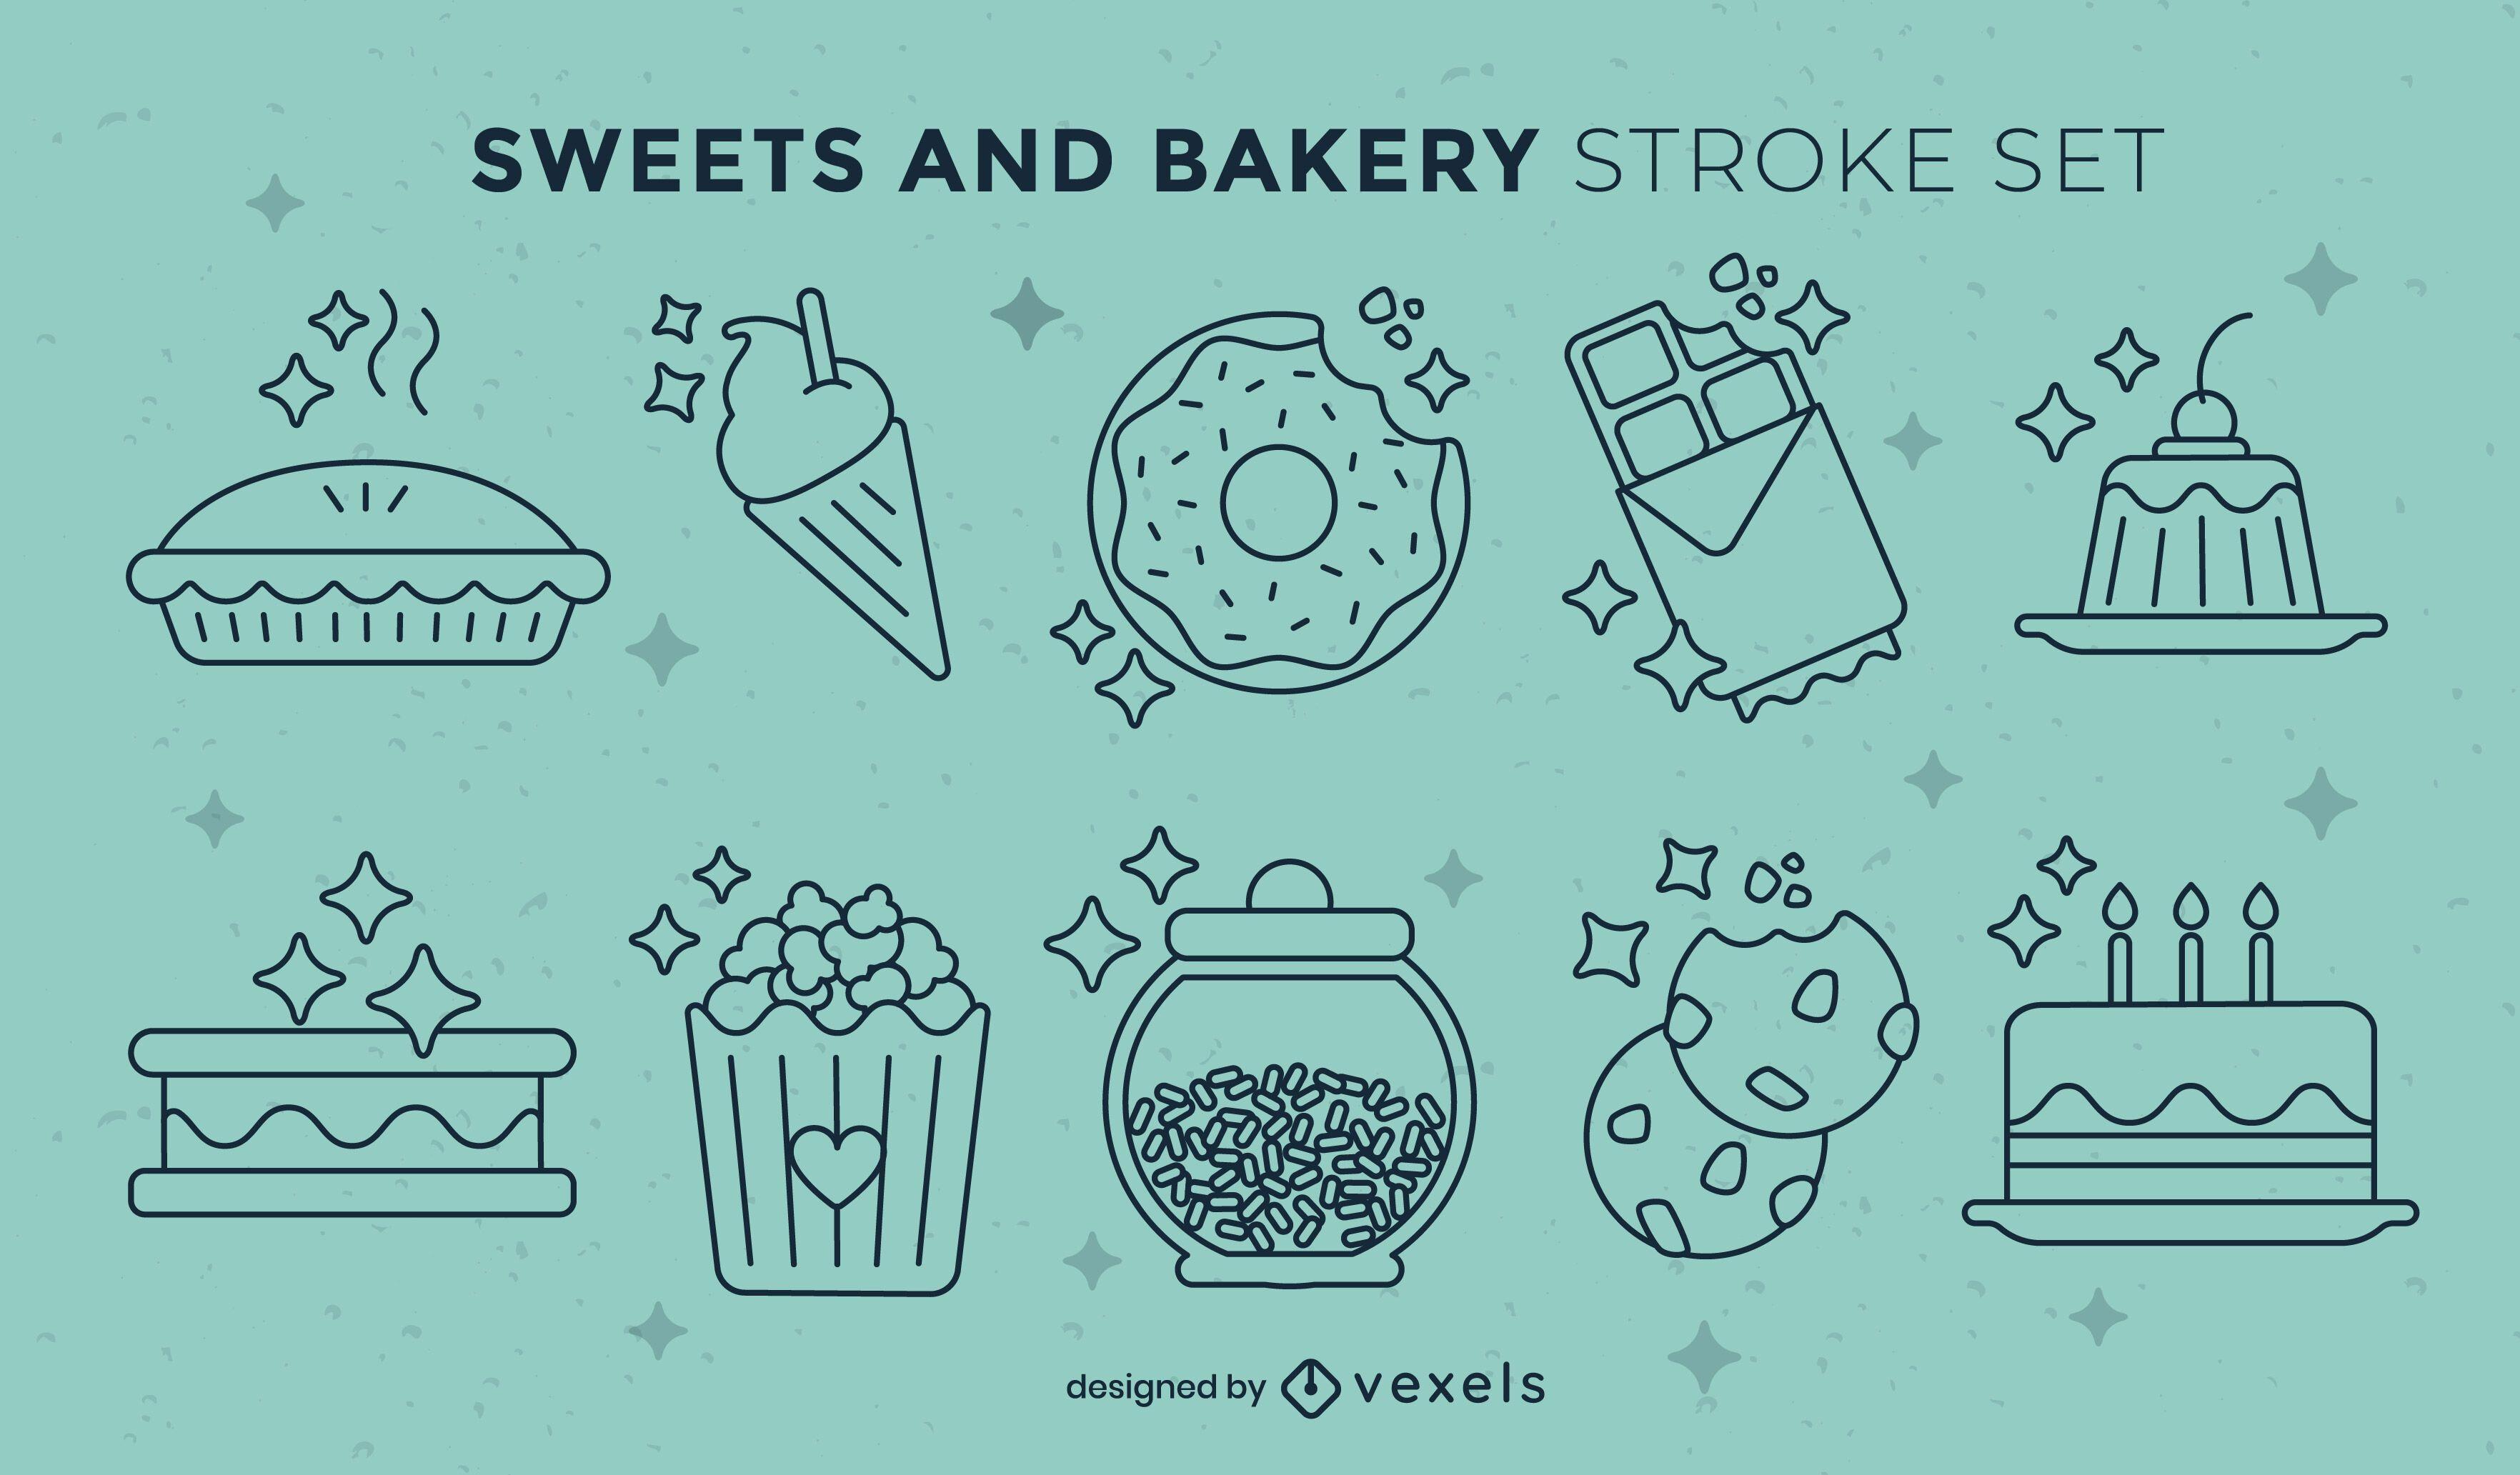 Süßes Essen und Desserts Strichset